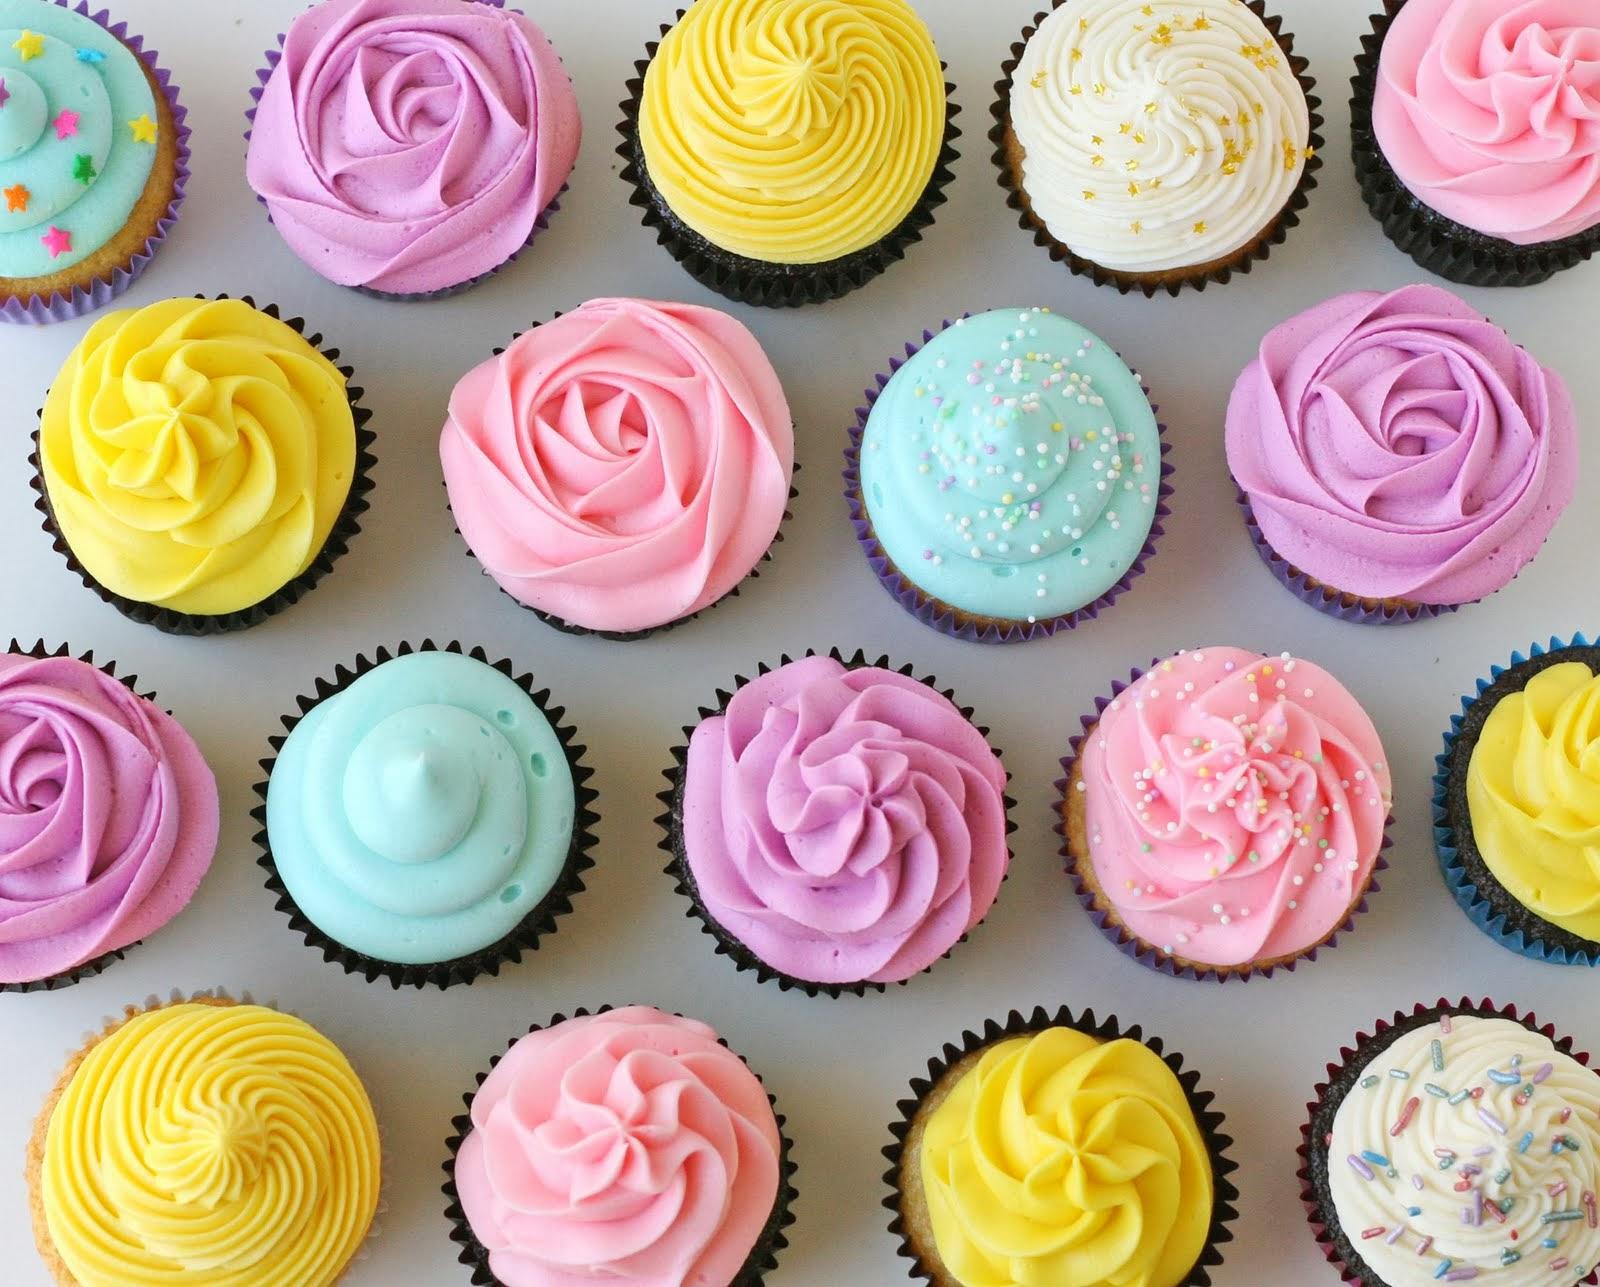 cobertura para cupcakes